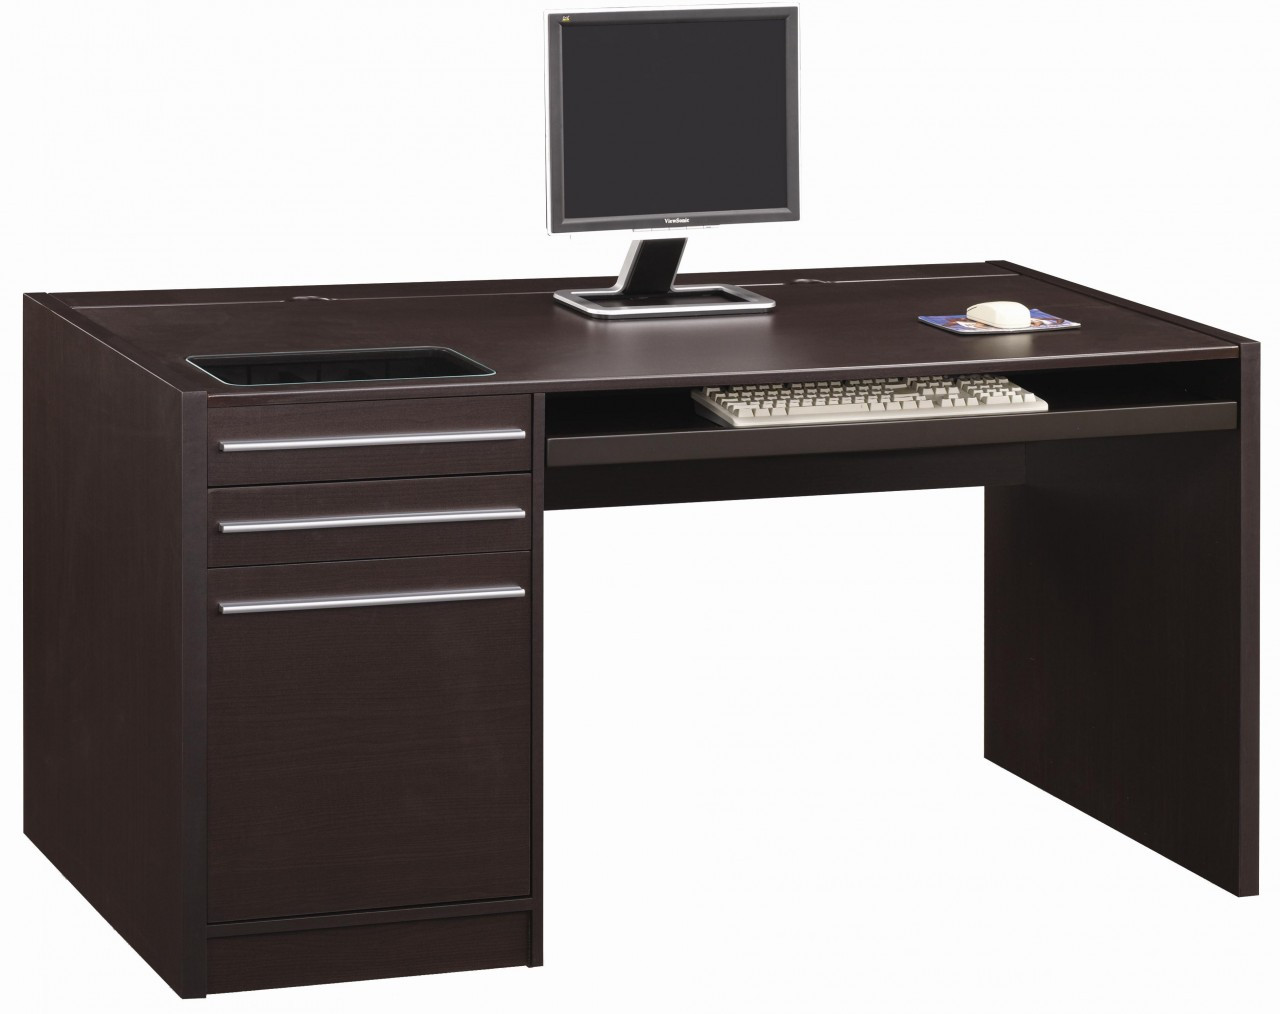 Andes Modern Computer Desk